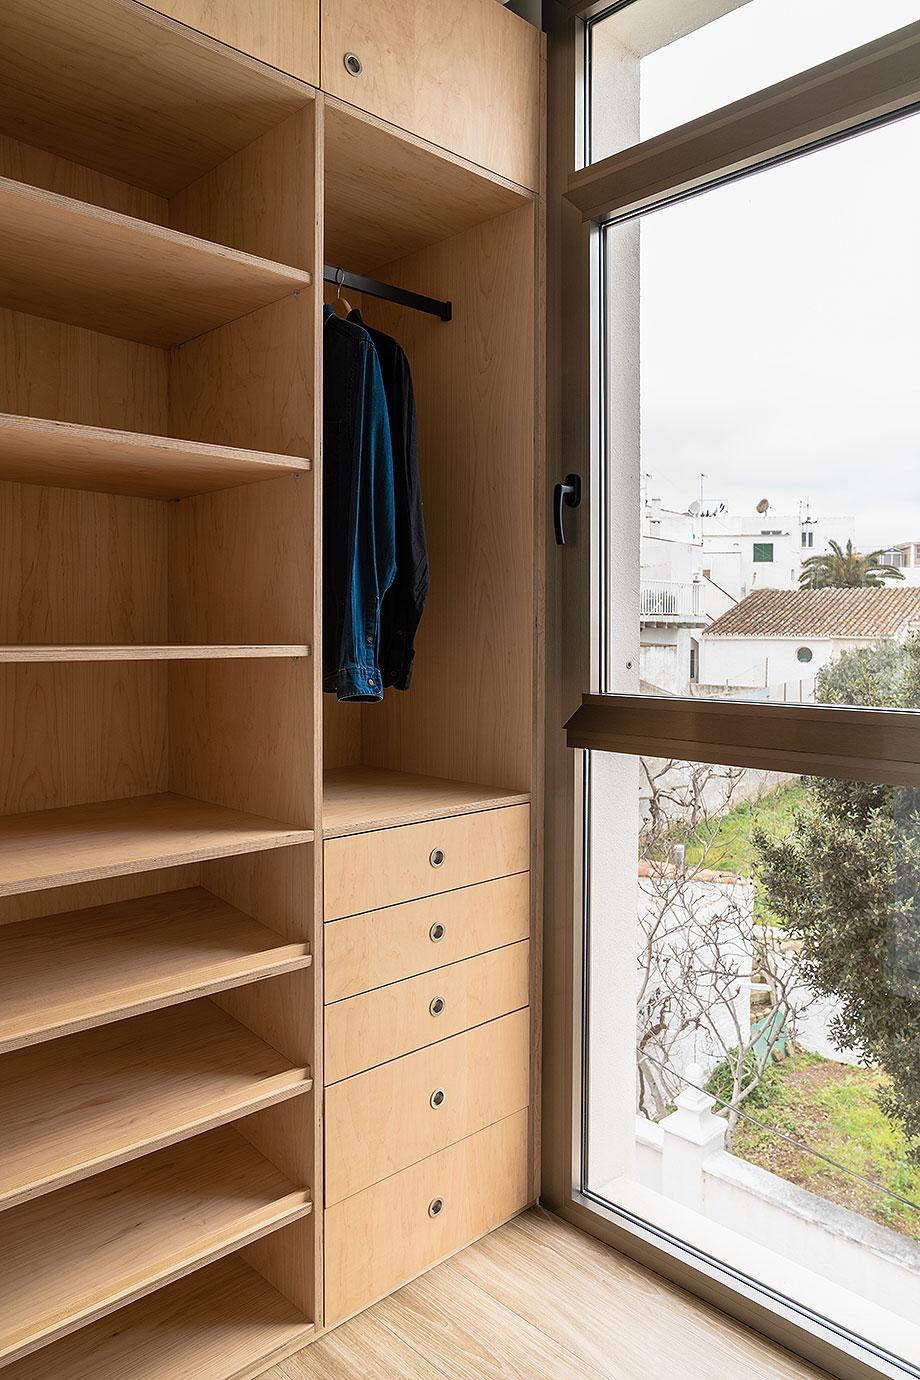 de garaje a vivienda por liniarquitectura (22) - foto laura tomas